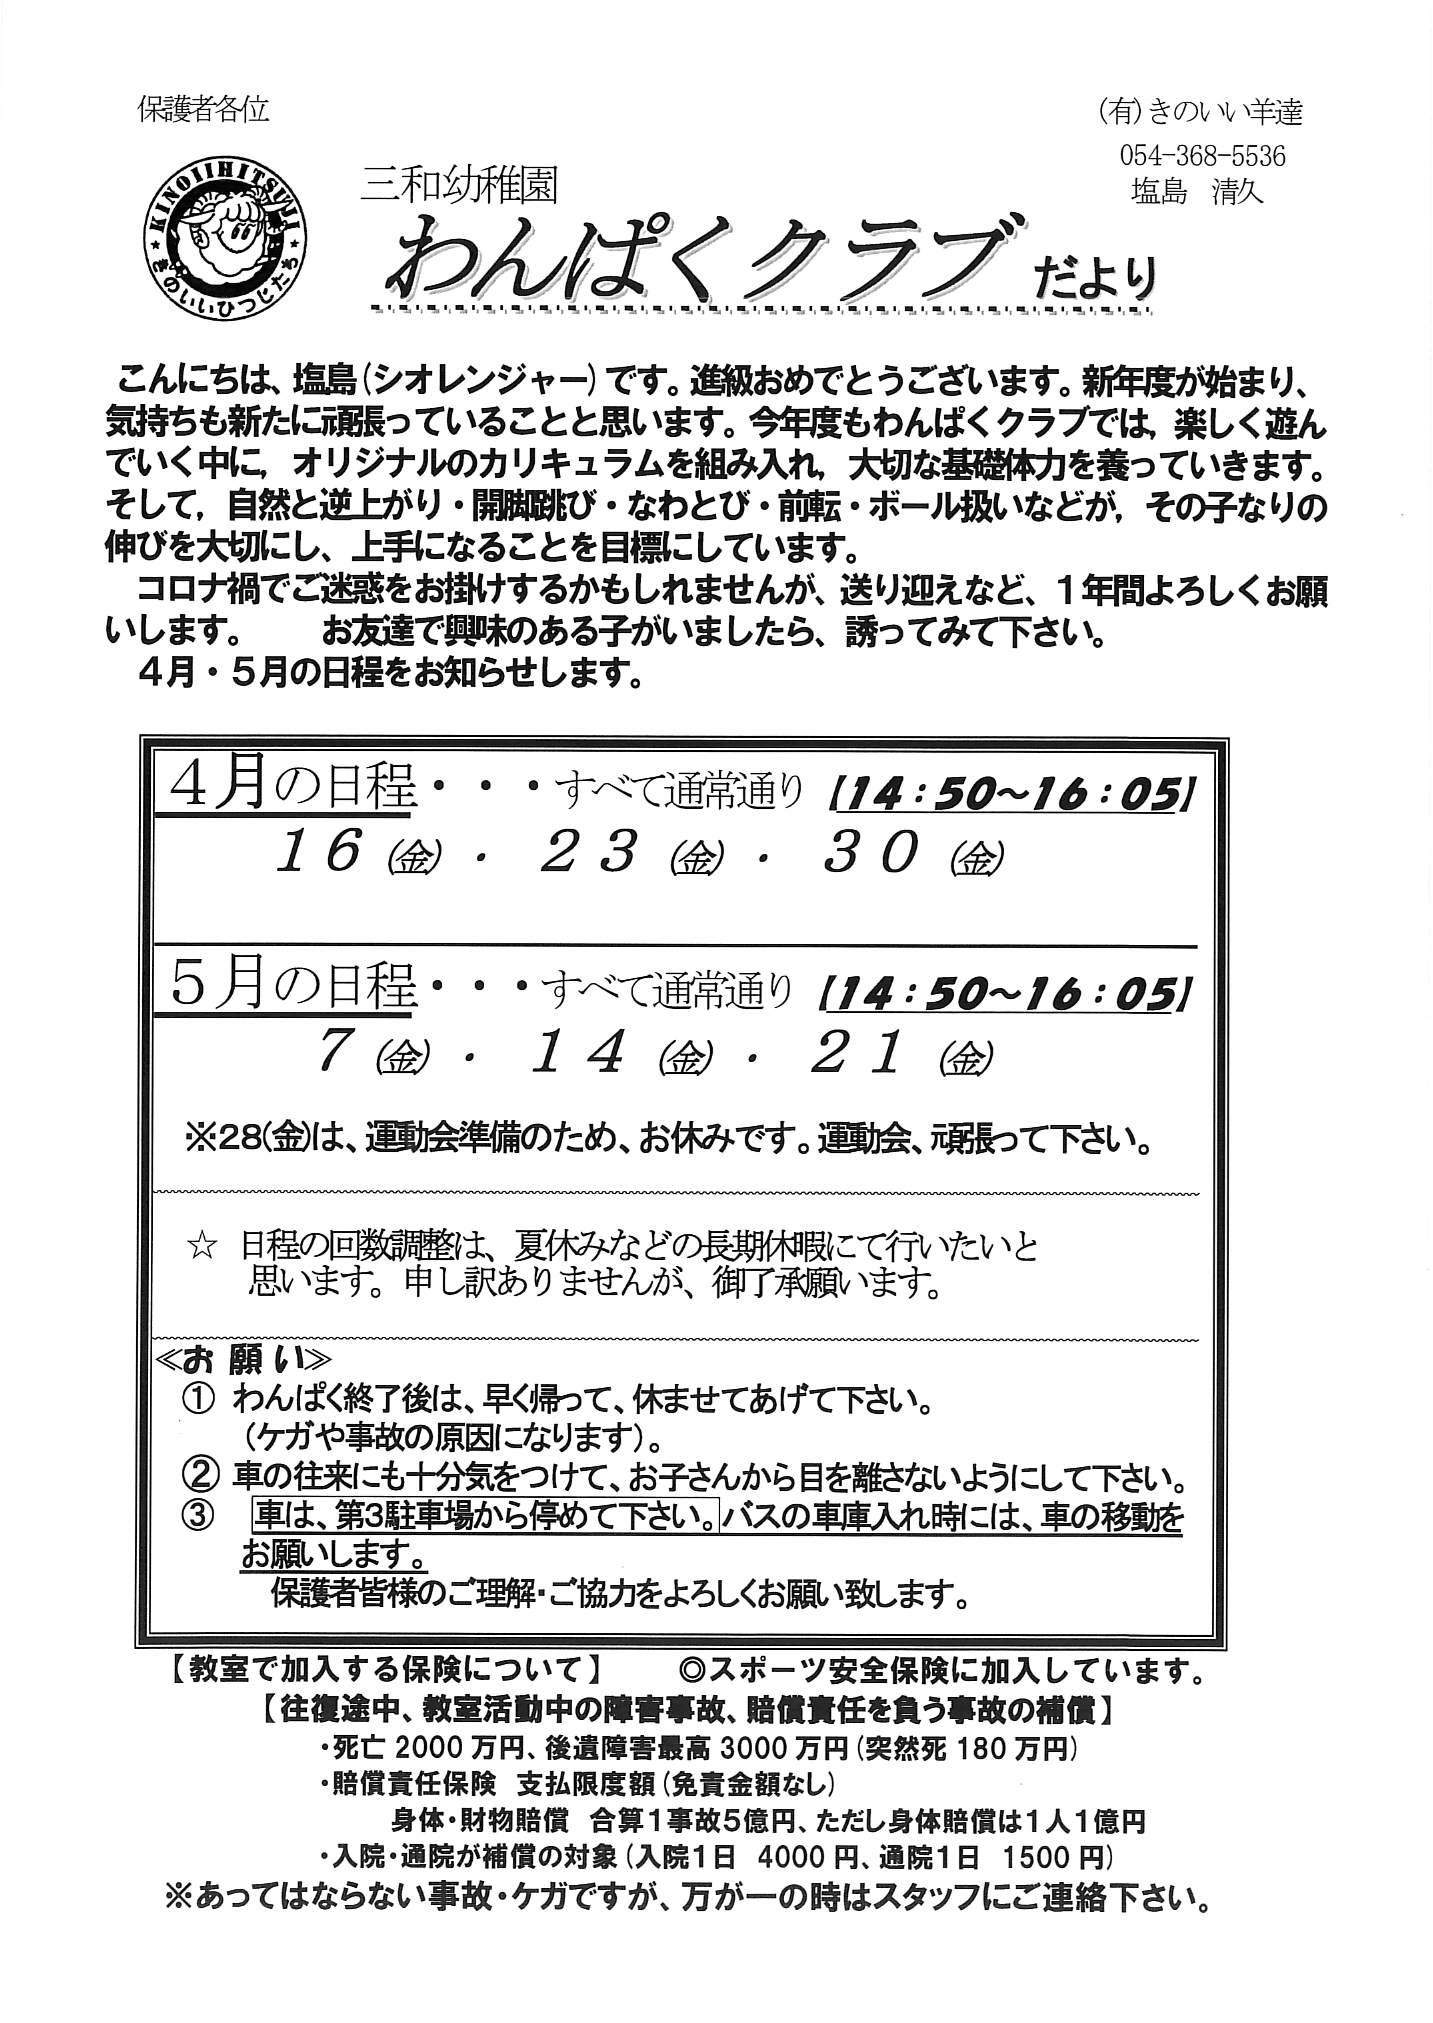 焼津 三和幼稚園